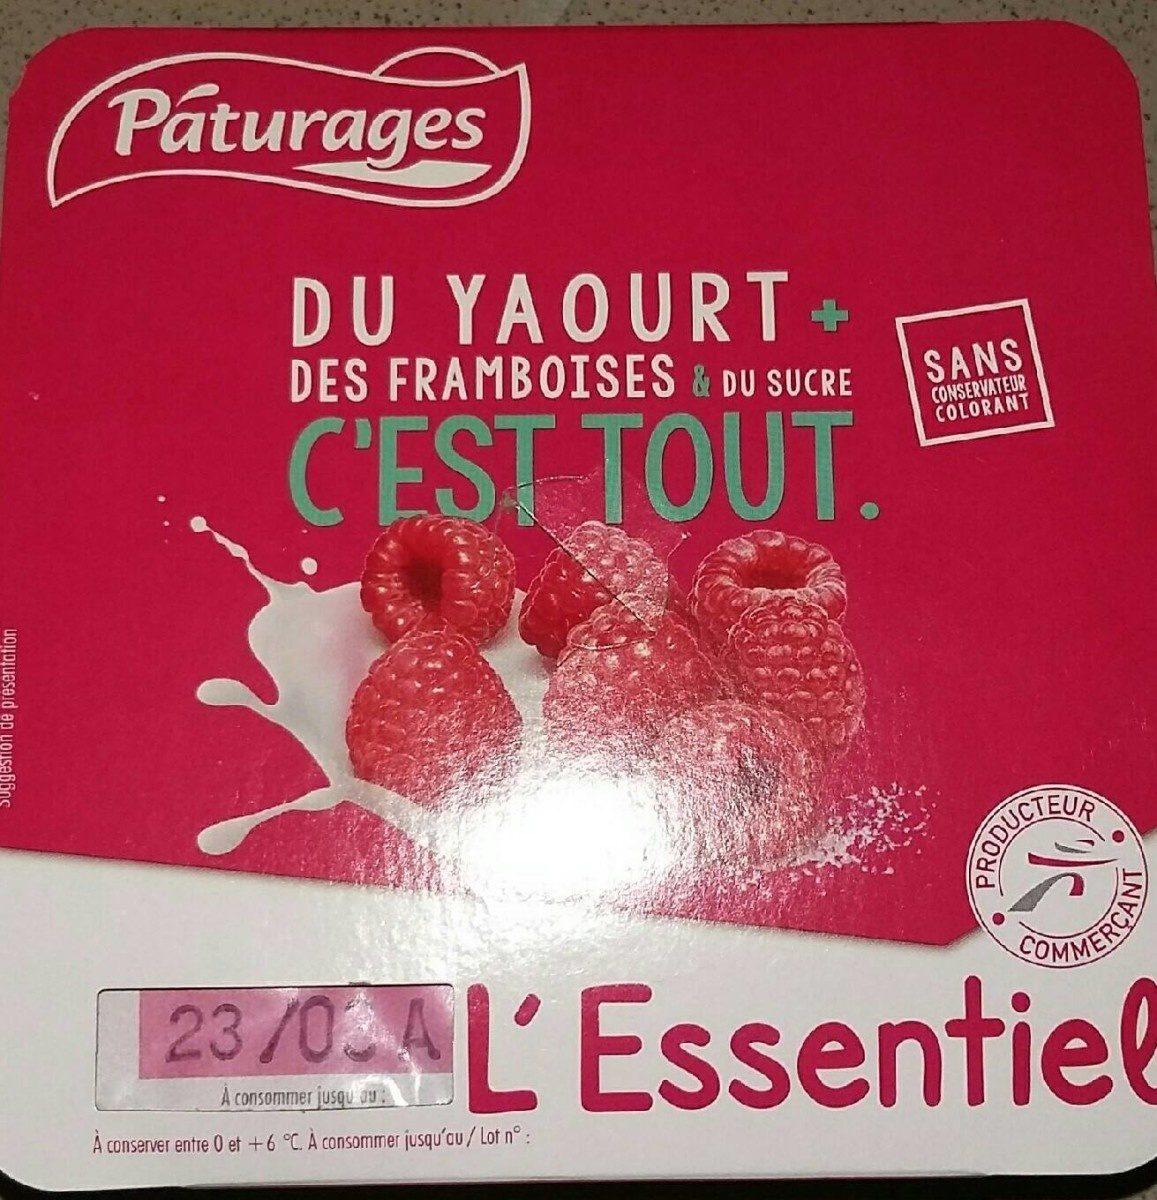 L'essentiel du yaourt + des framboise & du sucre c'est tout - Product